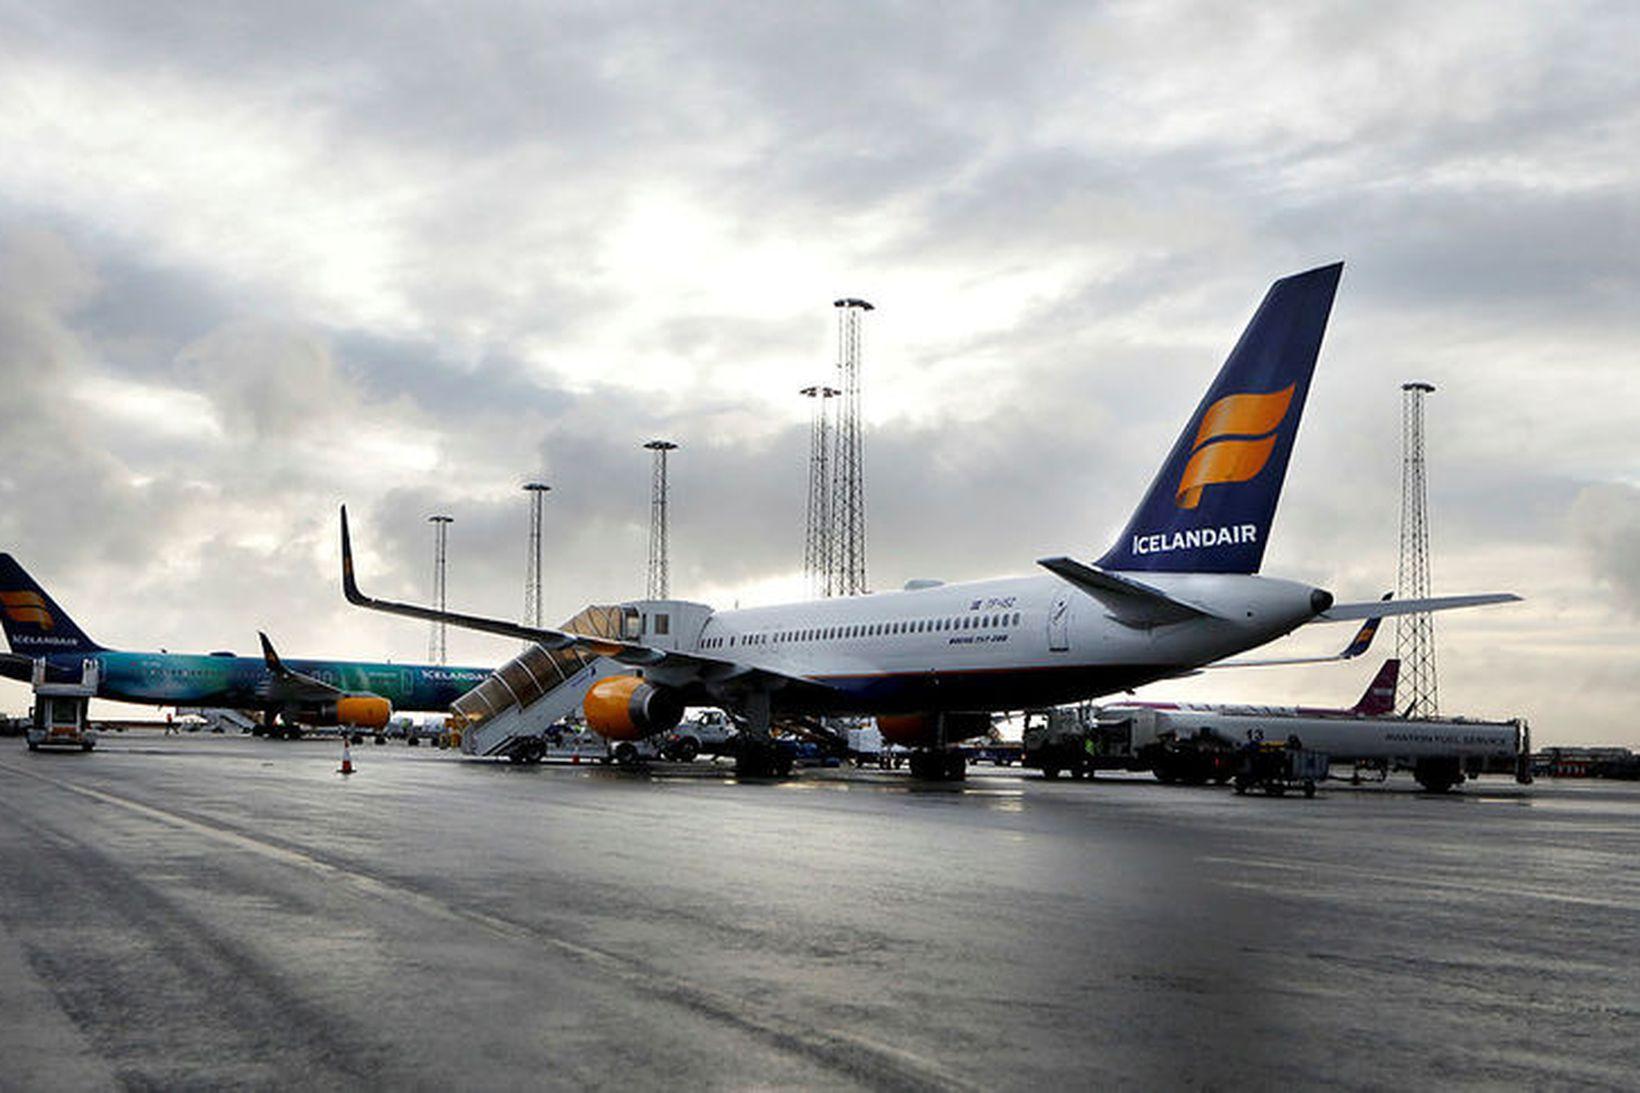 Bilun varð í vél Icelandair á leið til Arlanda-flugvallar í …